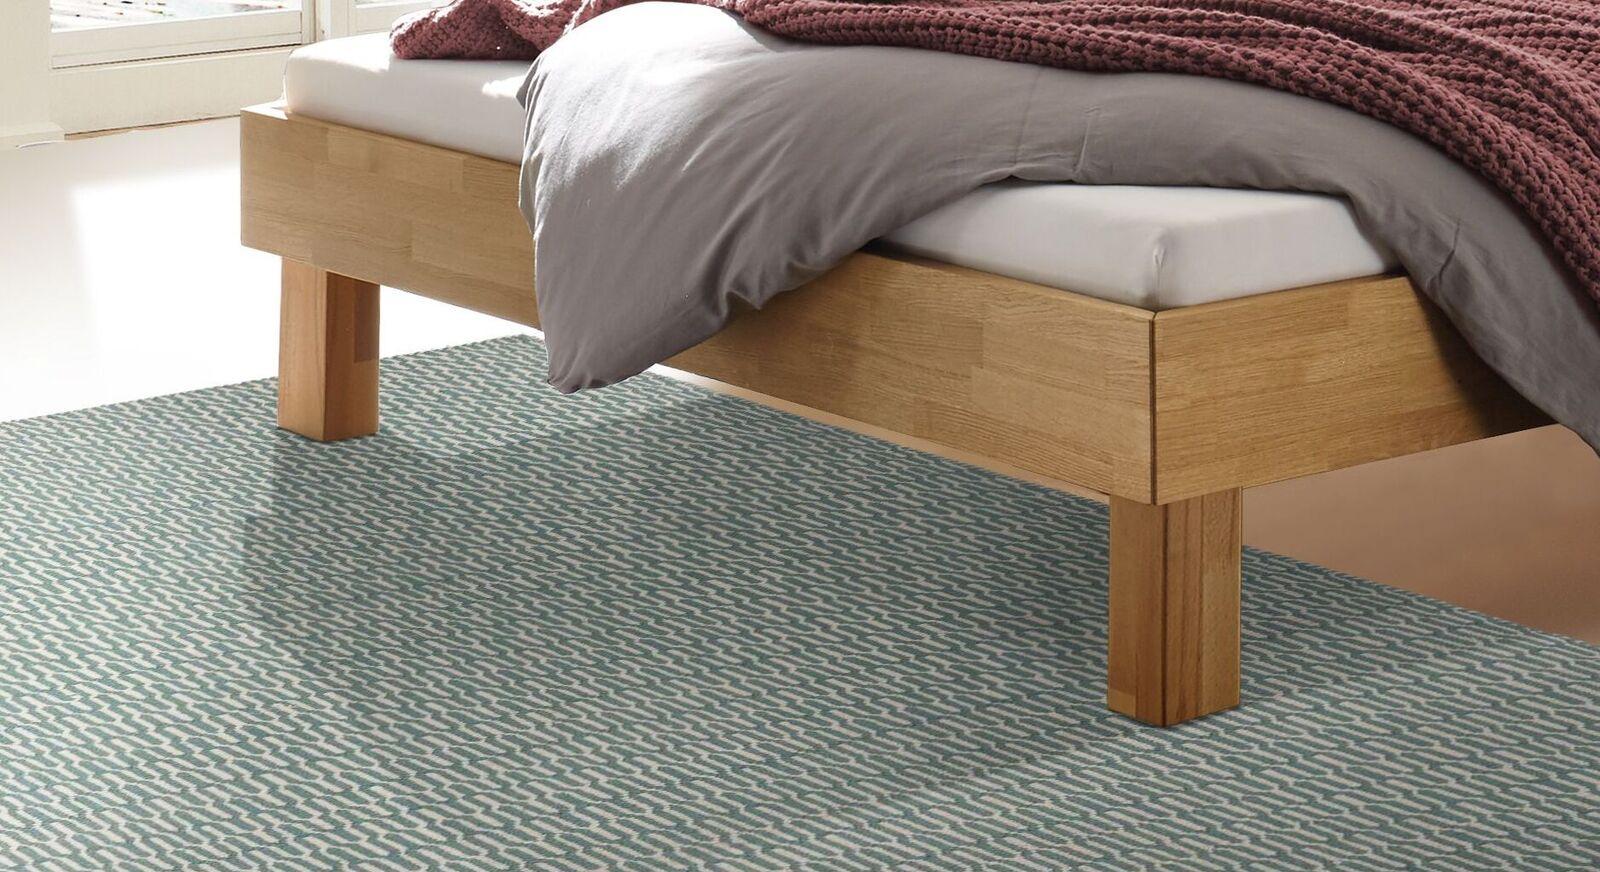 Bett Advira mit robusten Holzfüßen